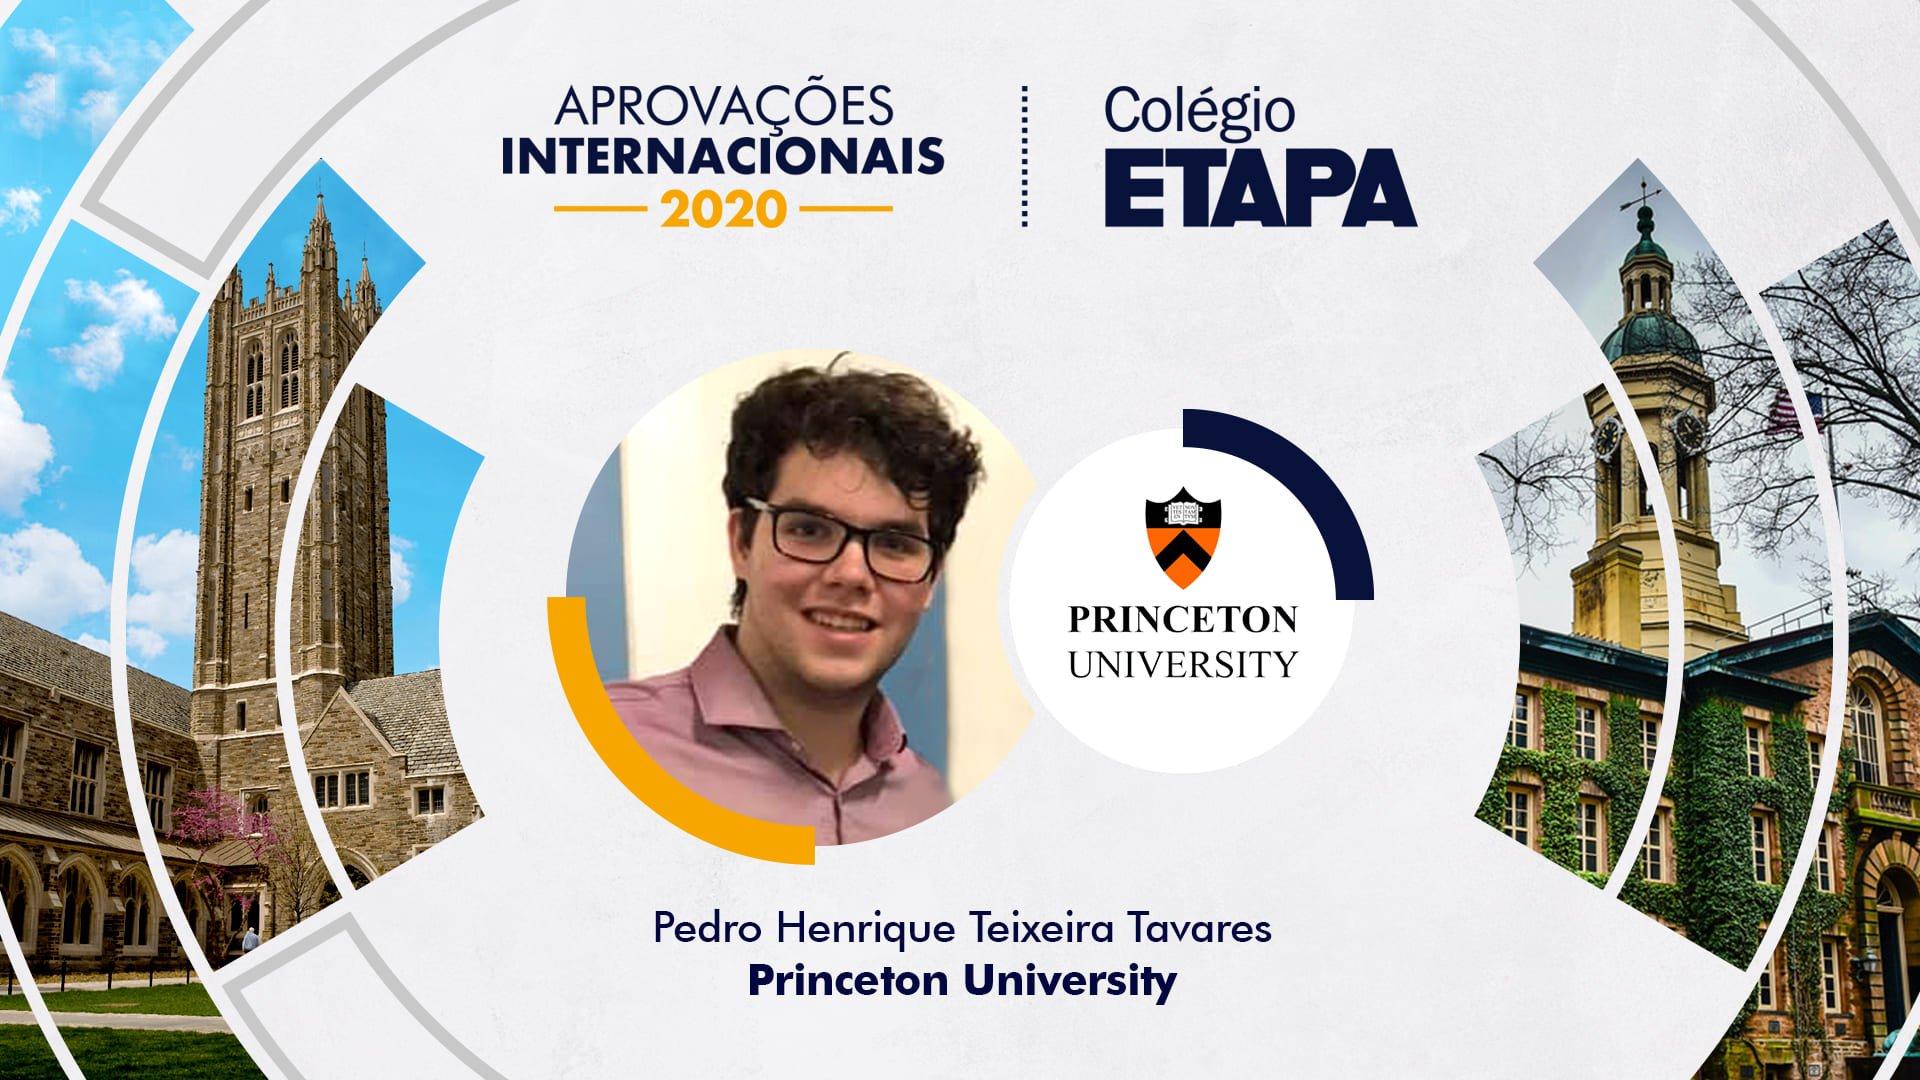 Pedro Henrique Teixeira Tavares compartilha algumas dicas com quem pretende estudar no exterior.